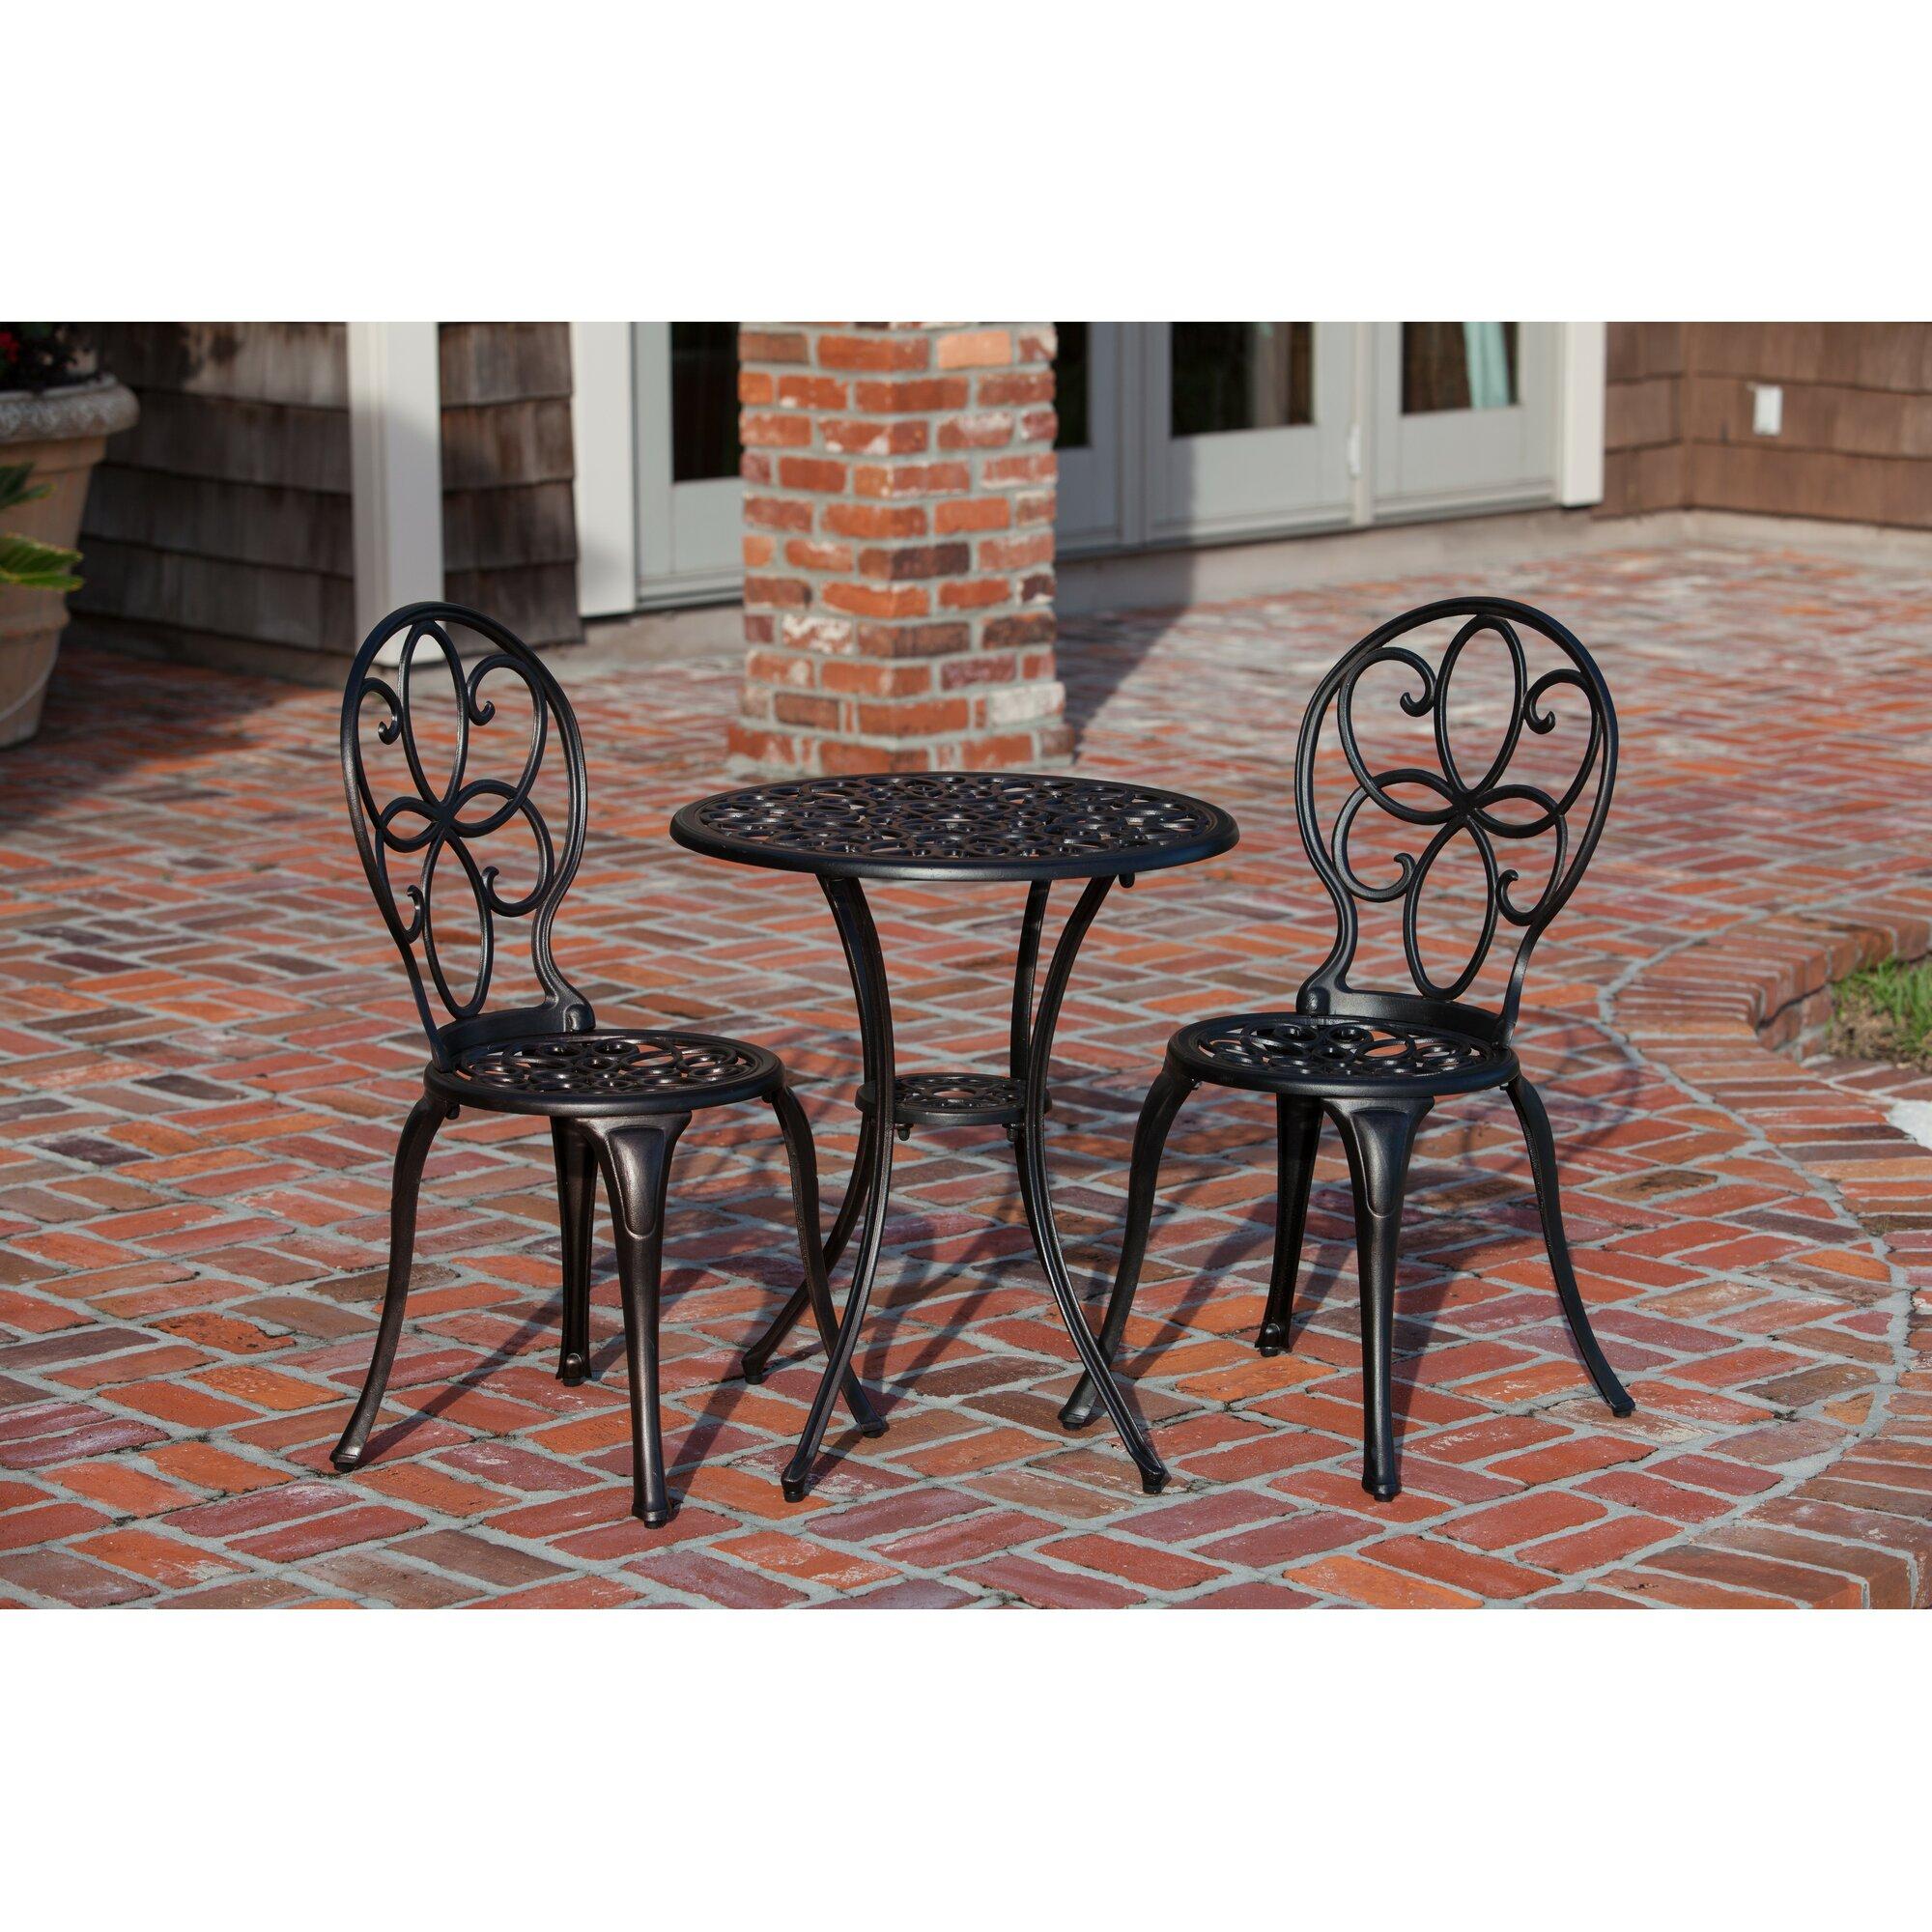 Bistro set outdoor furniture   3 Piece Bistro Set. Bistro Set Outdoor Furniture